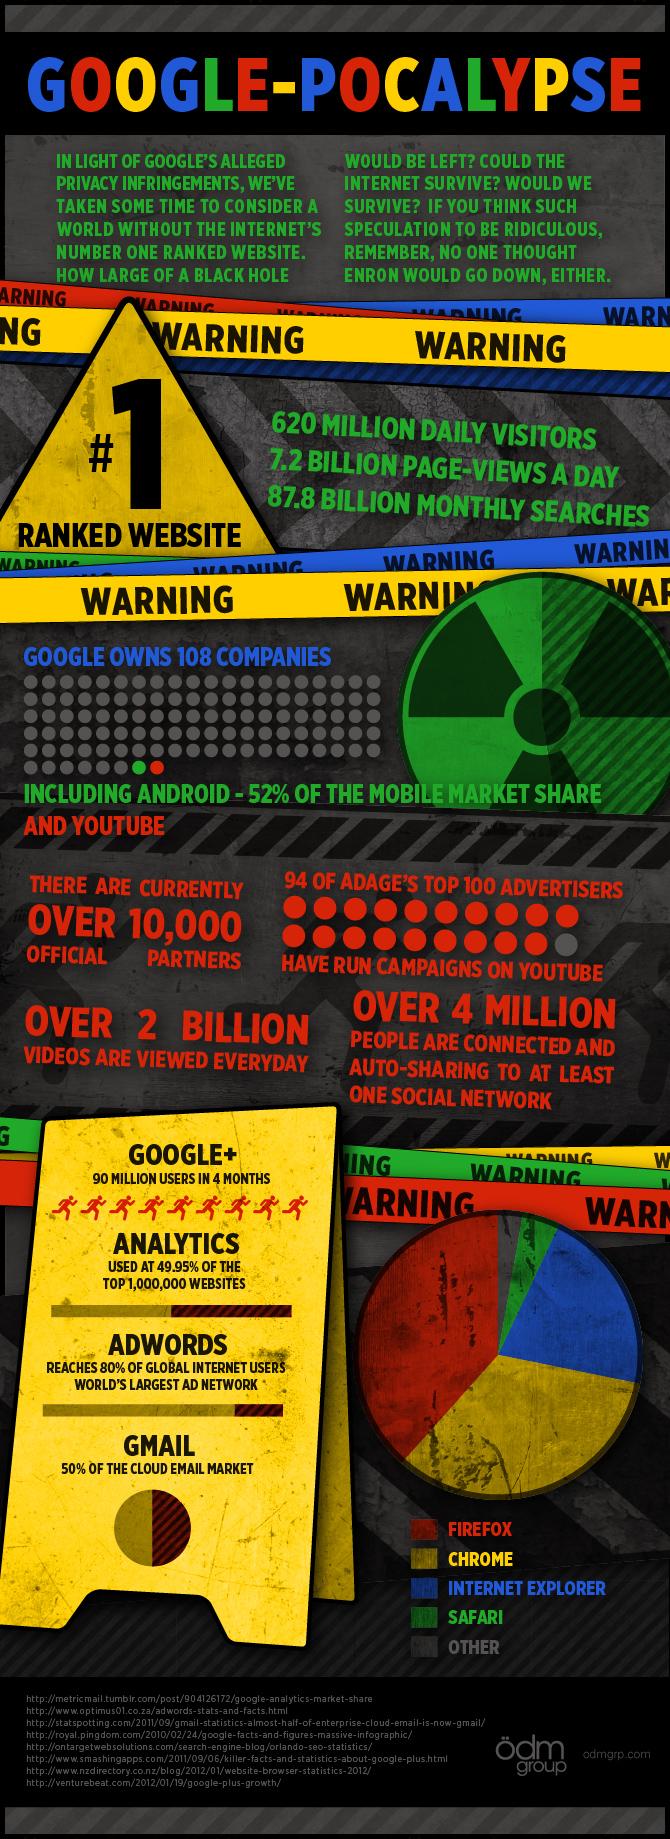 Google-pocalypse: The World Without Google